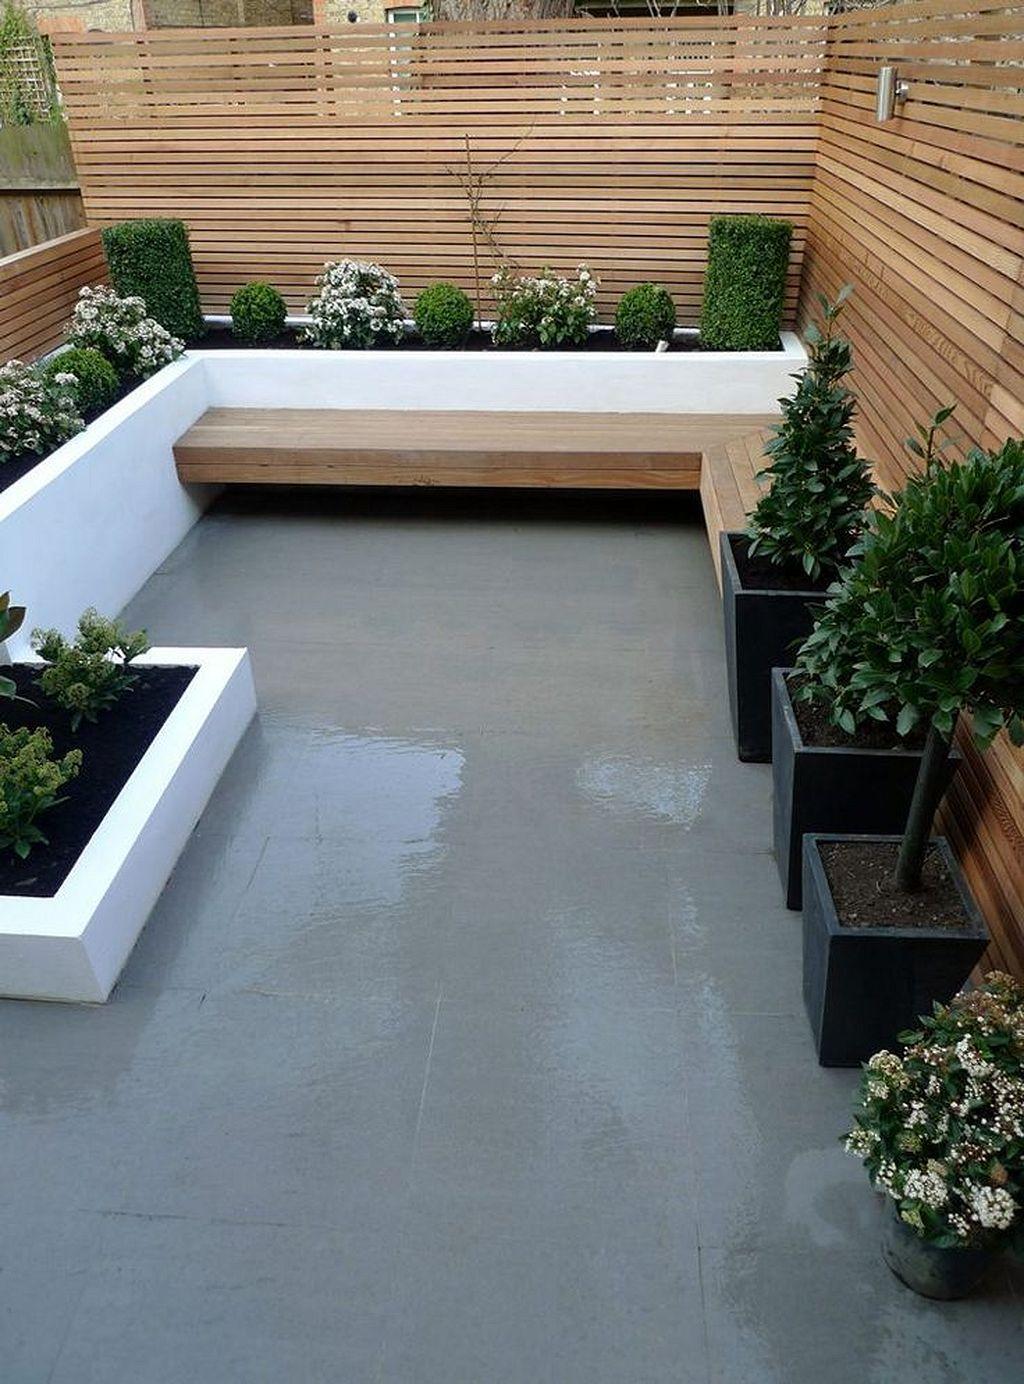 Stunning 60+ Small Backyard Ideas Https://kidmagz.com/60